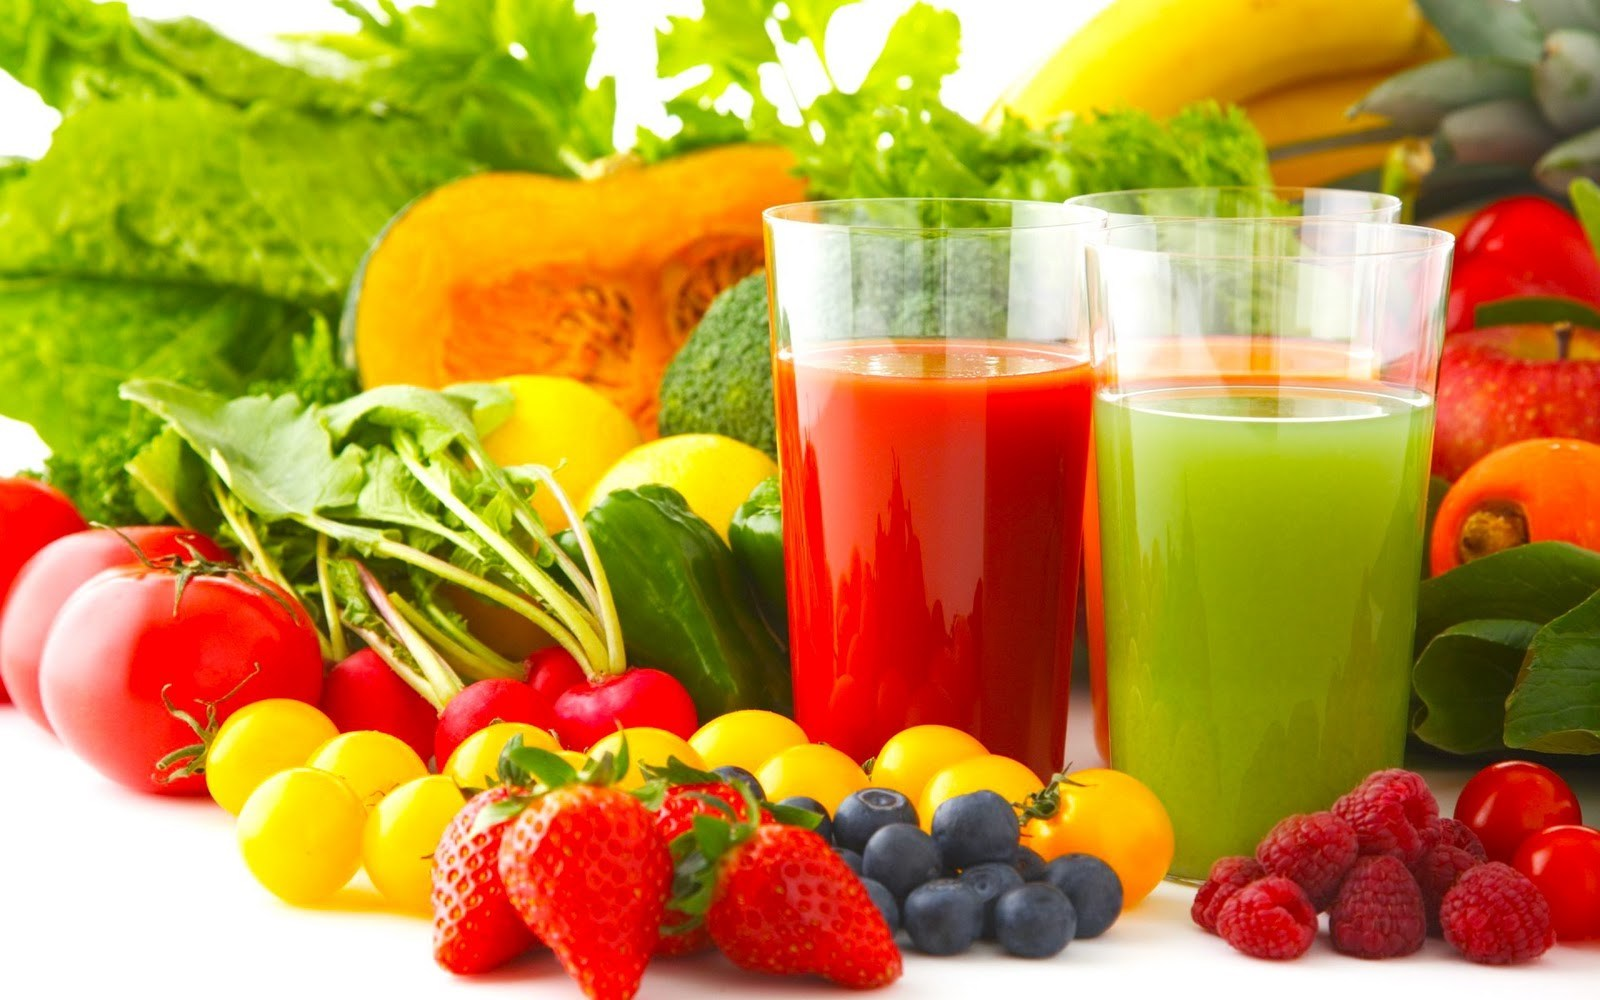 La guía para preparar tus propios zumos de frutas y verduras 1